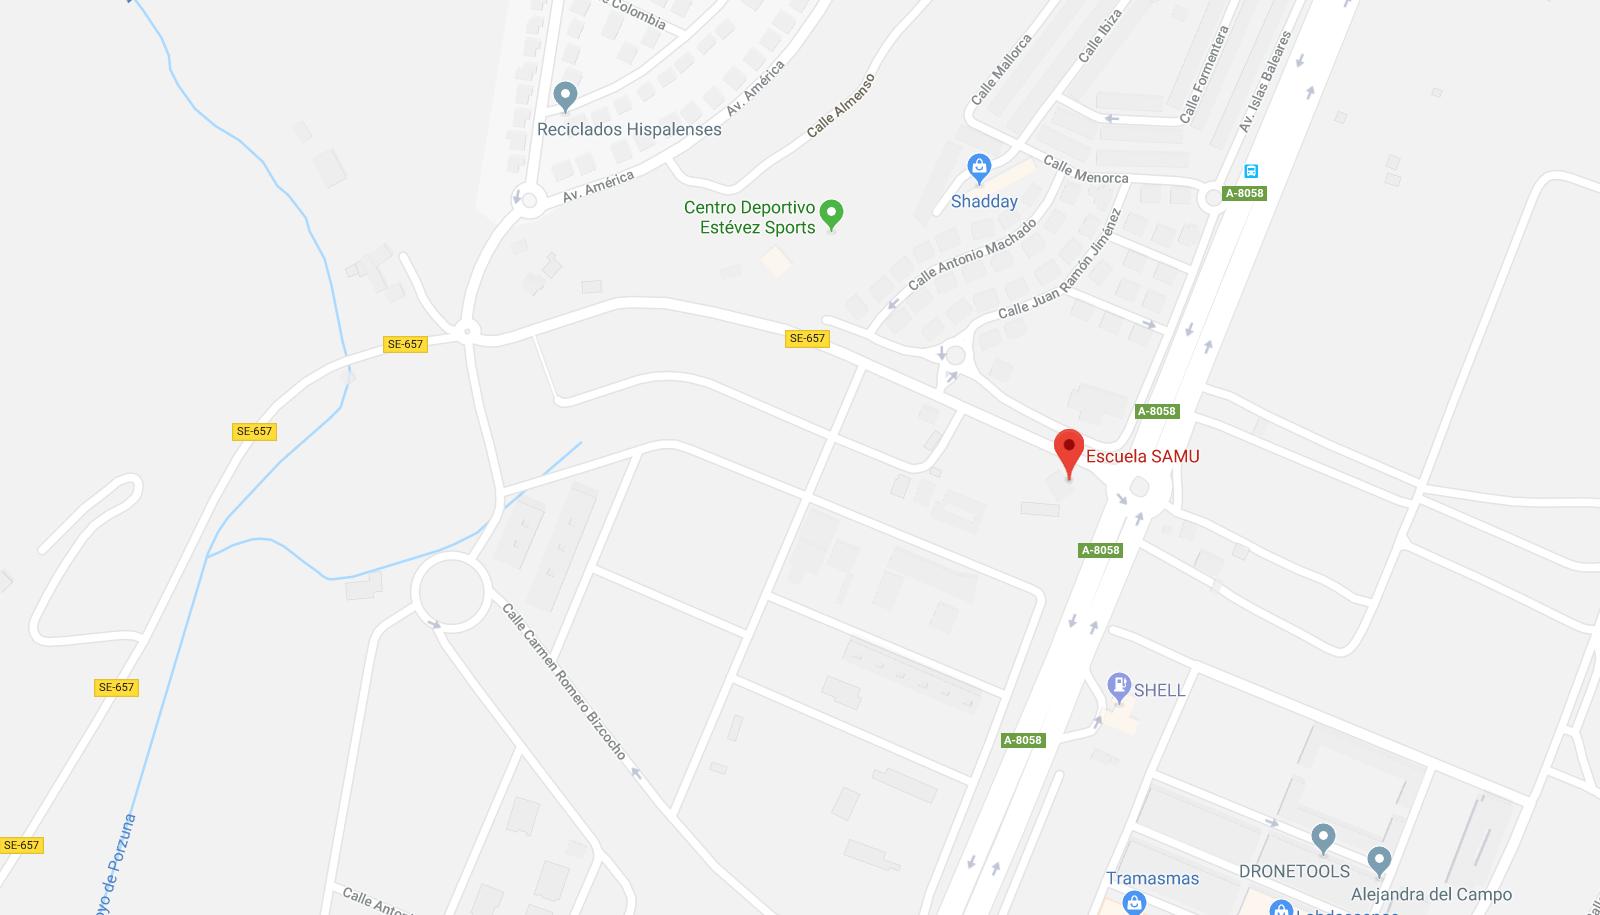 Mapa de localización de la Escuela SAMU